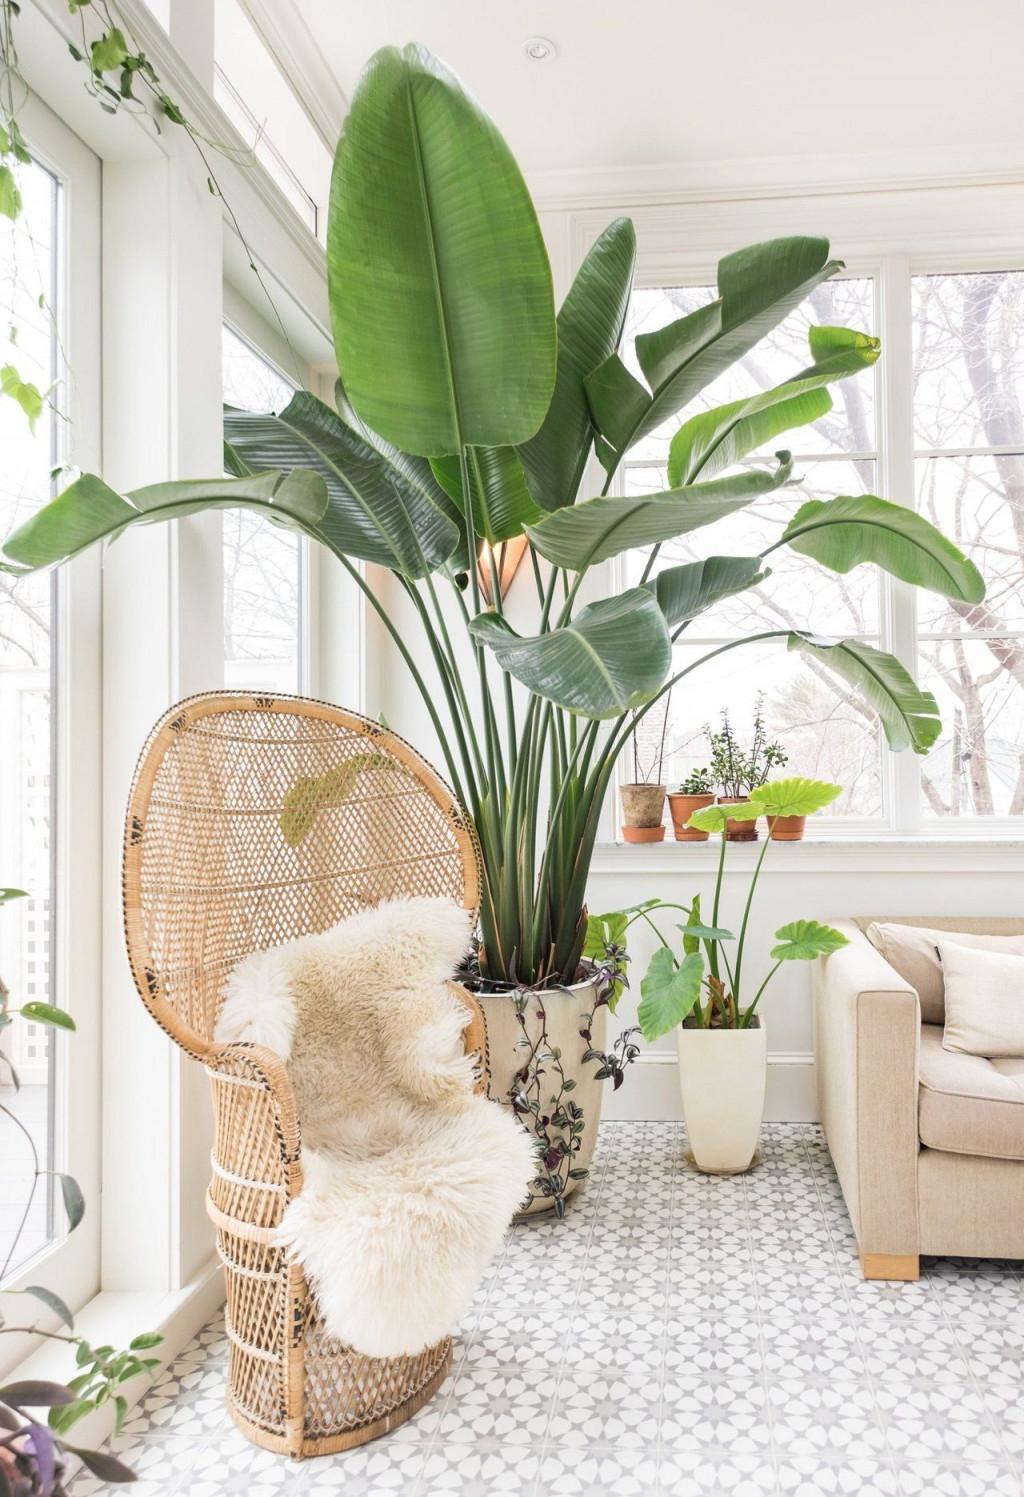 5 Pflegeleichte Zimmerpflanzen Für Euer Zuhause von Blumenecke Im Wohnzimmer Gestalten Photo